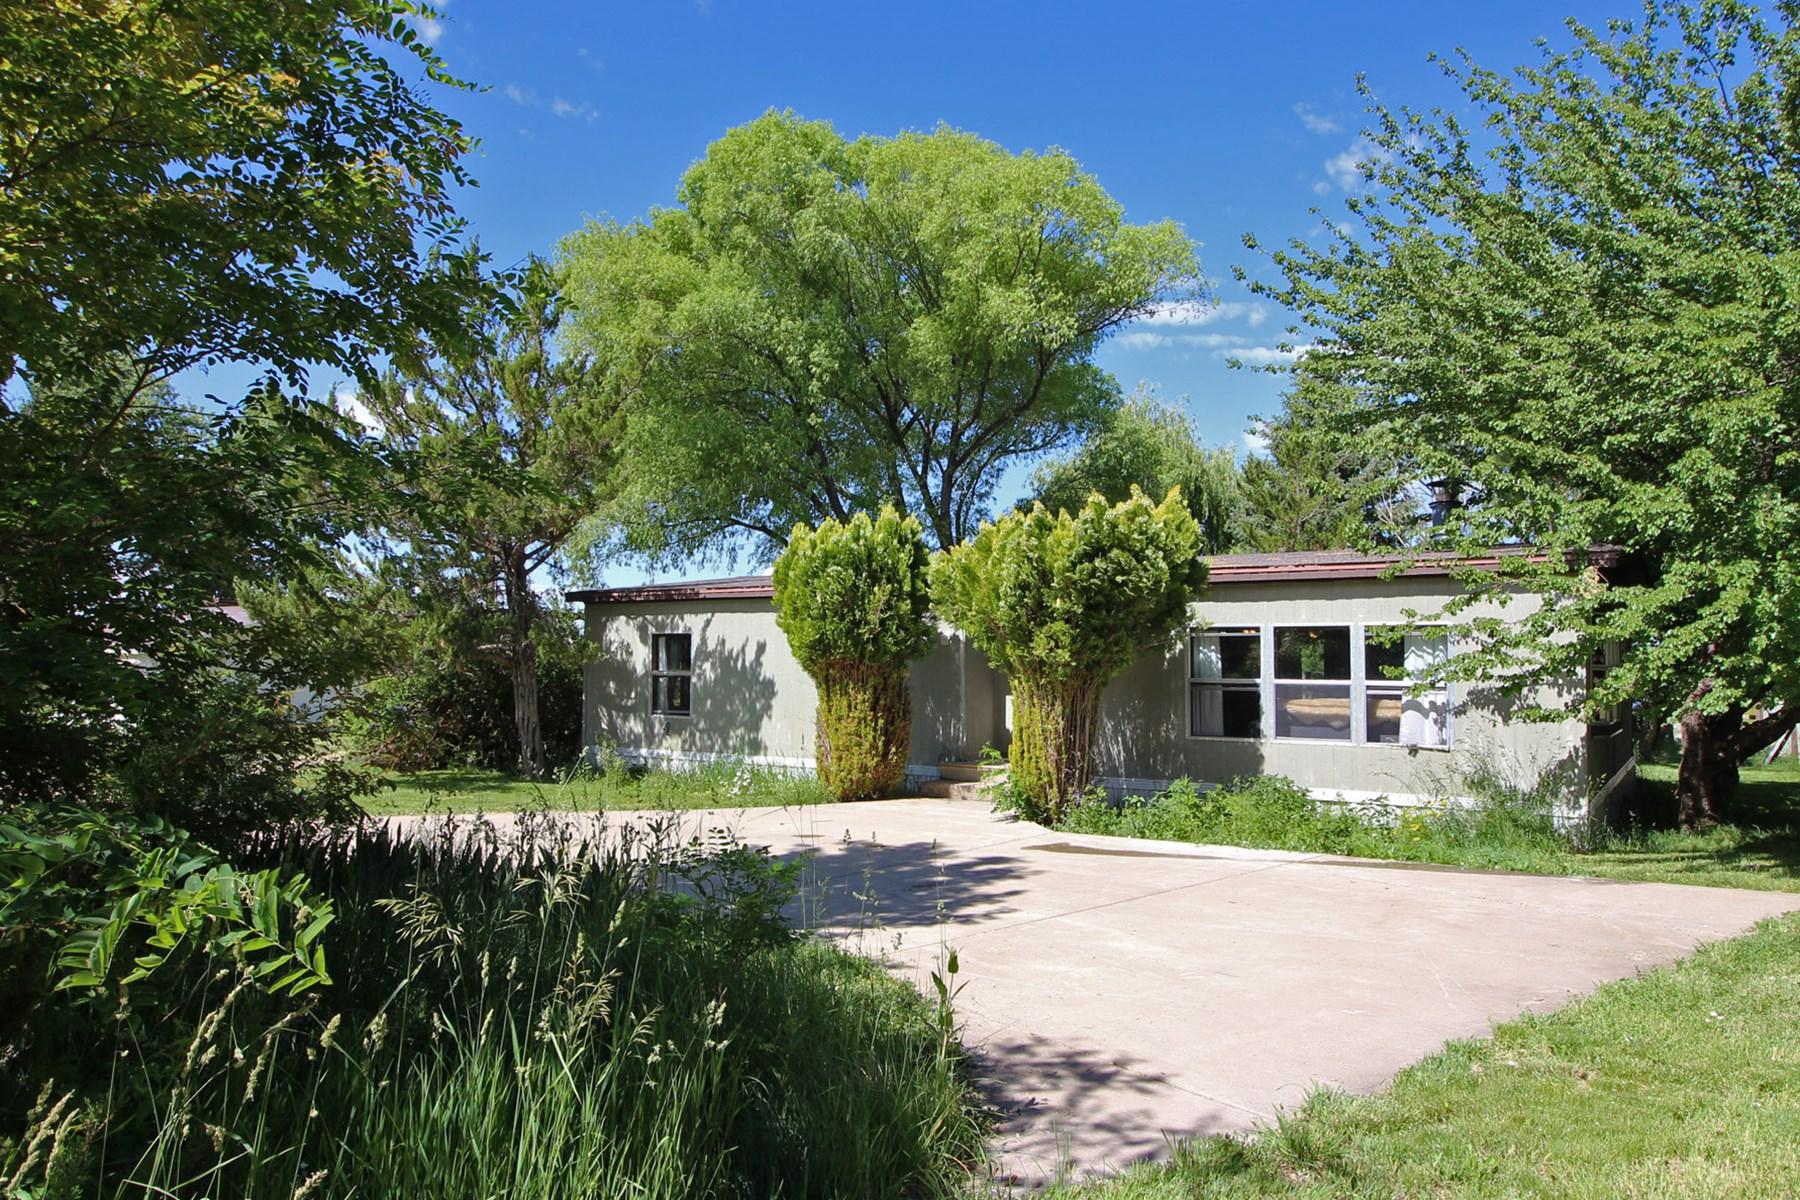 Charming Colorado farm property! 3 bedroom/2 bath home